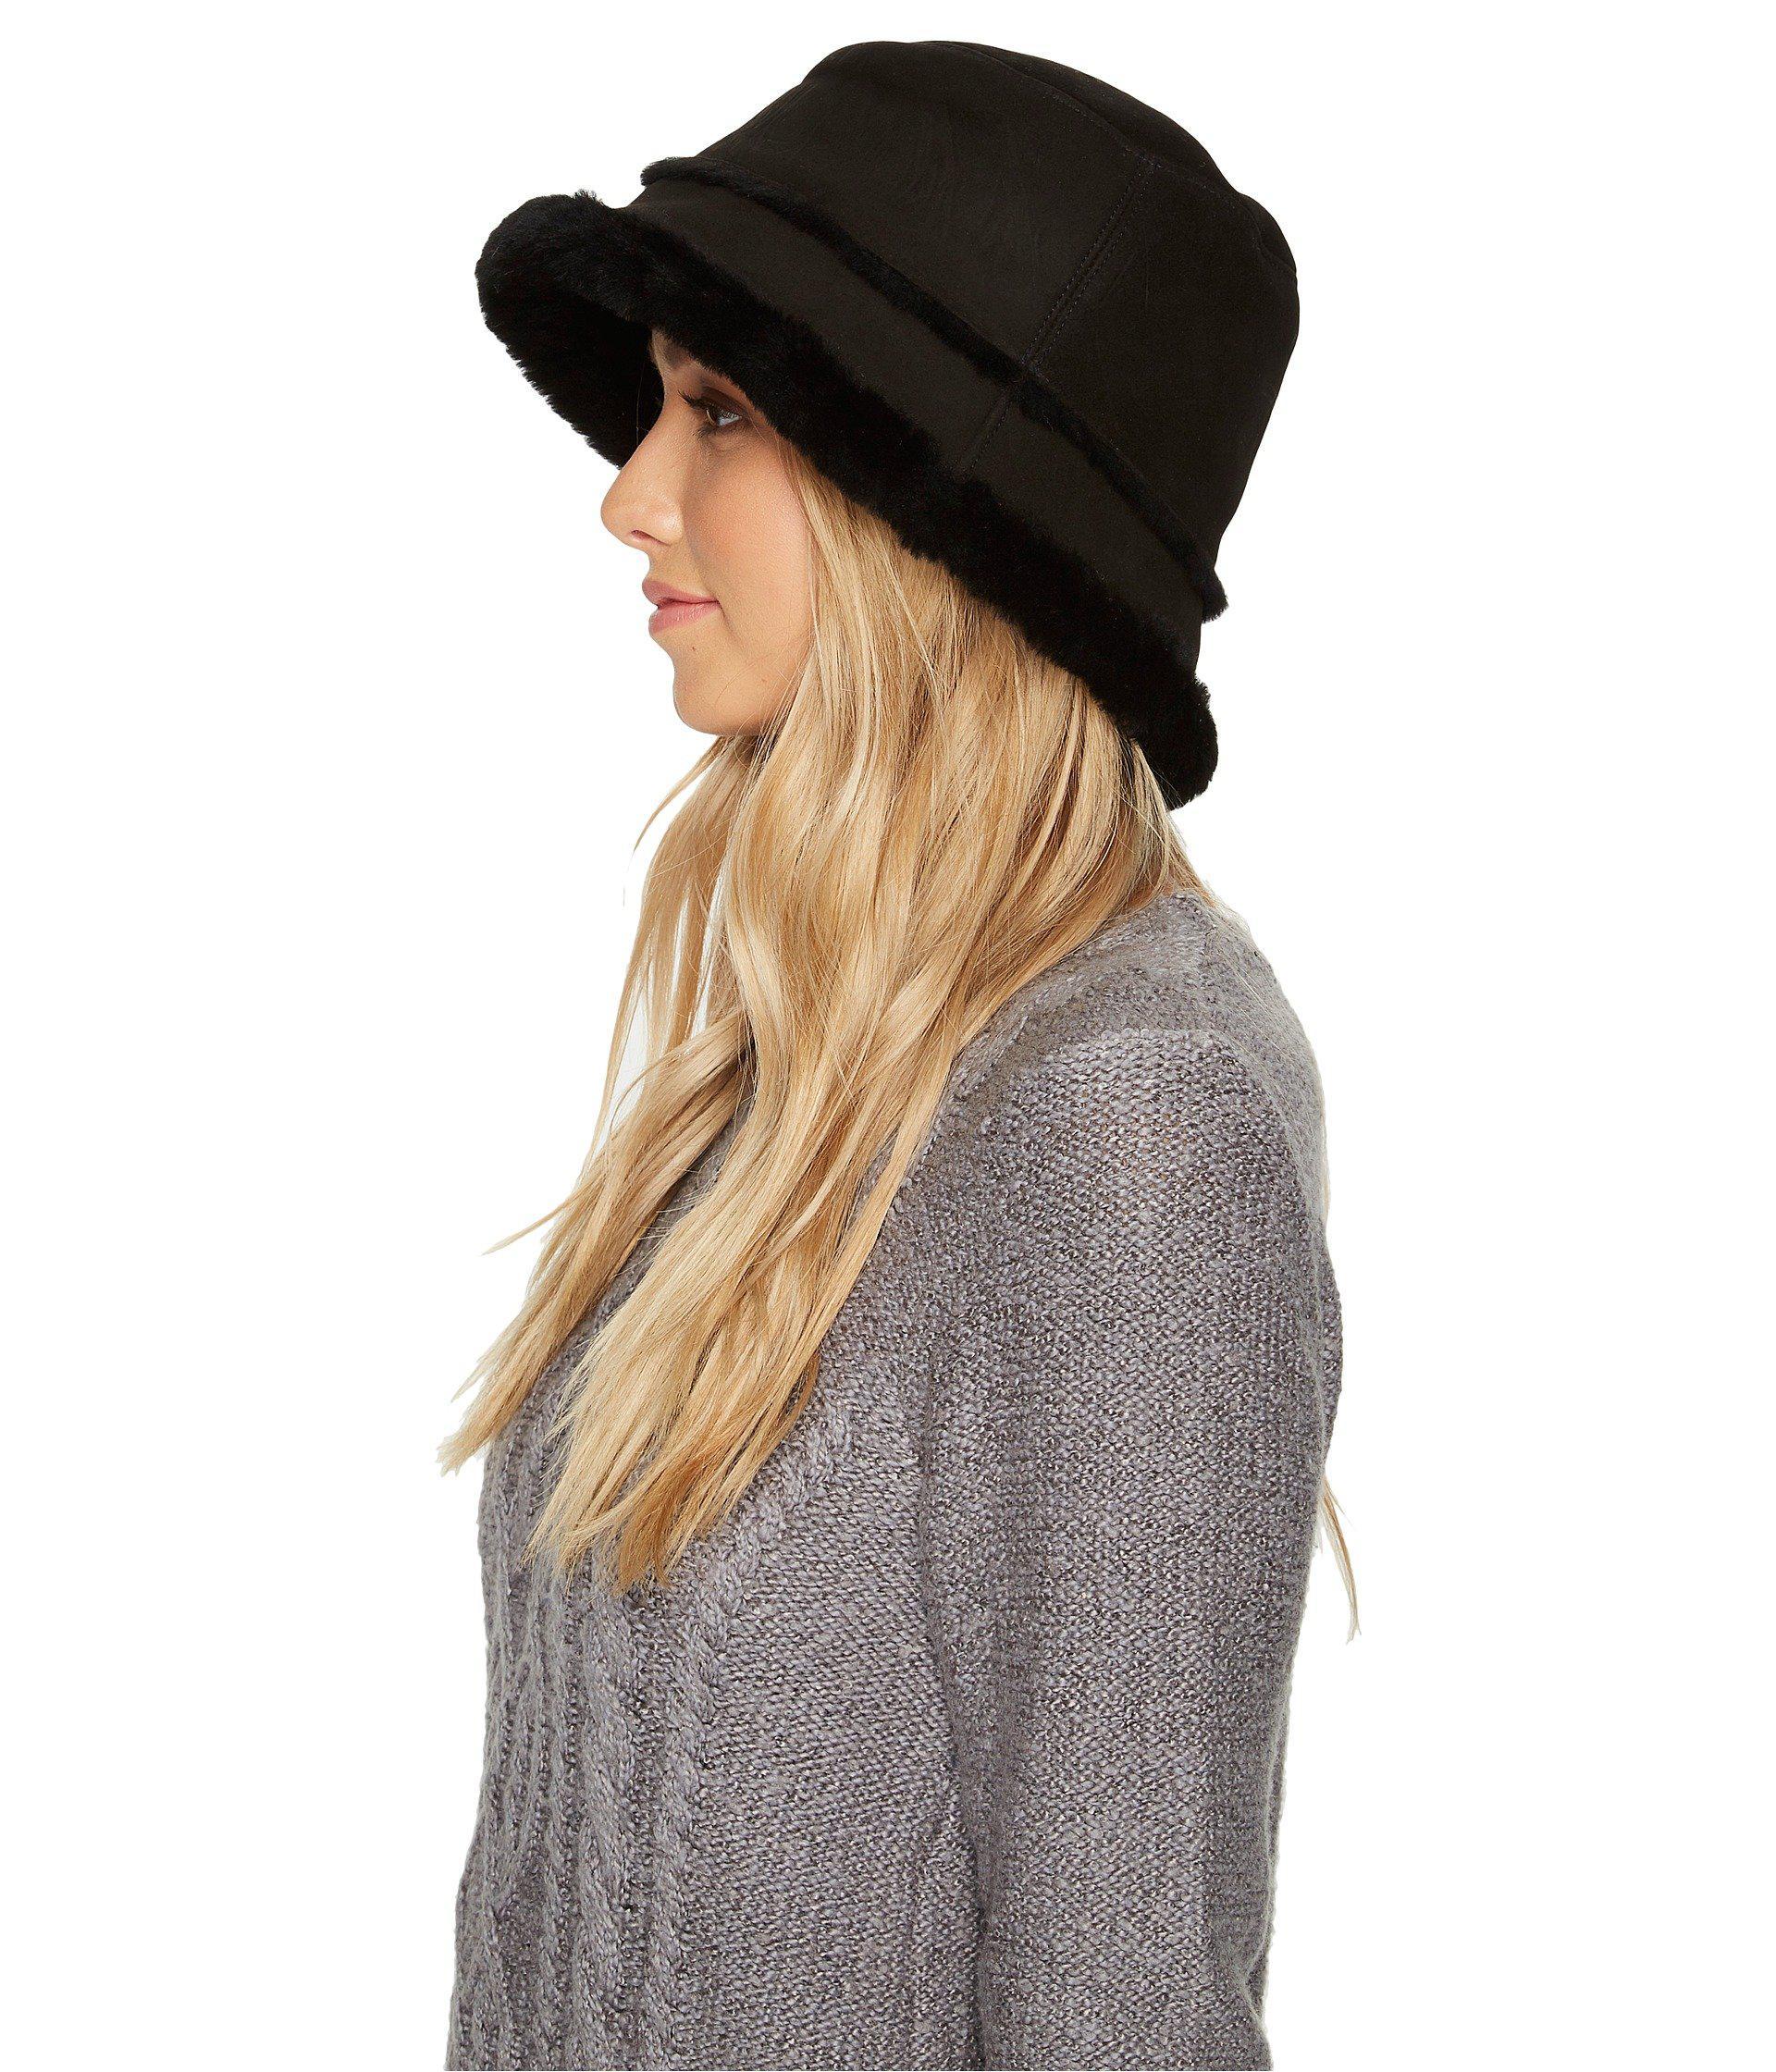 7a1784c7d Women's Black Waterproof Sheepskin Bucket Hat